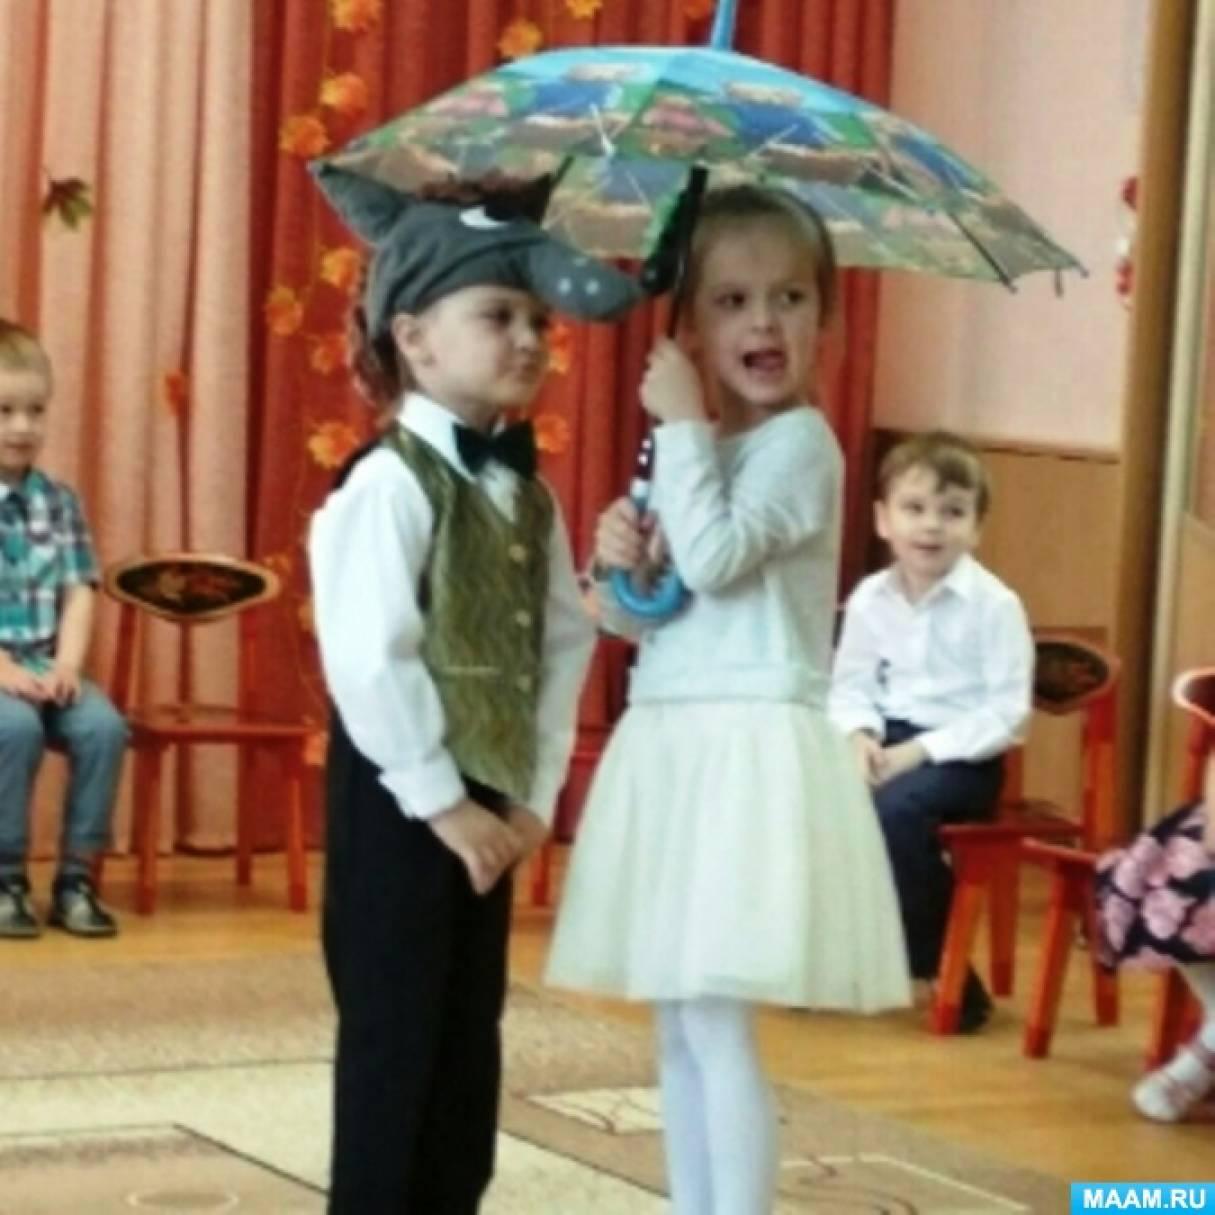 Фотоотчёт о празднике «Волшебная шляпа», посвящённом Дню матери